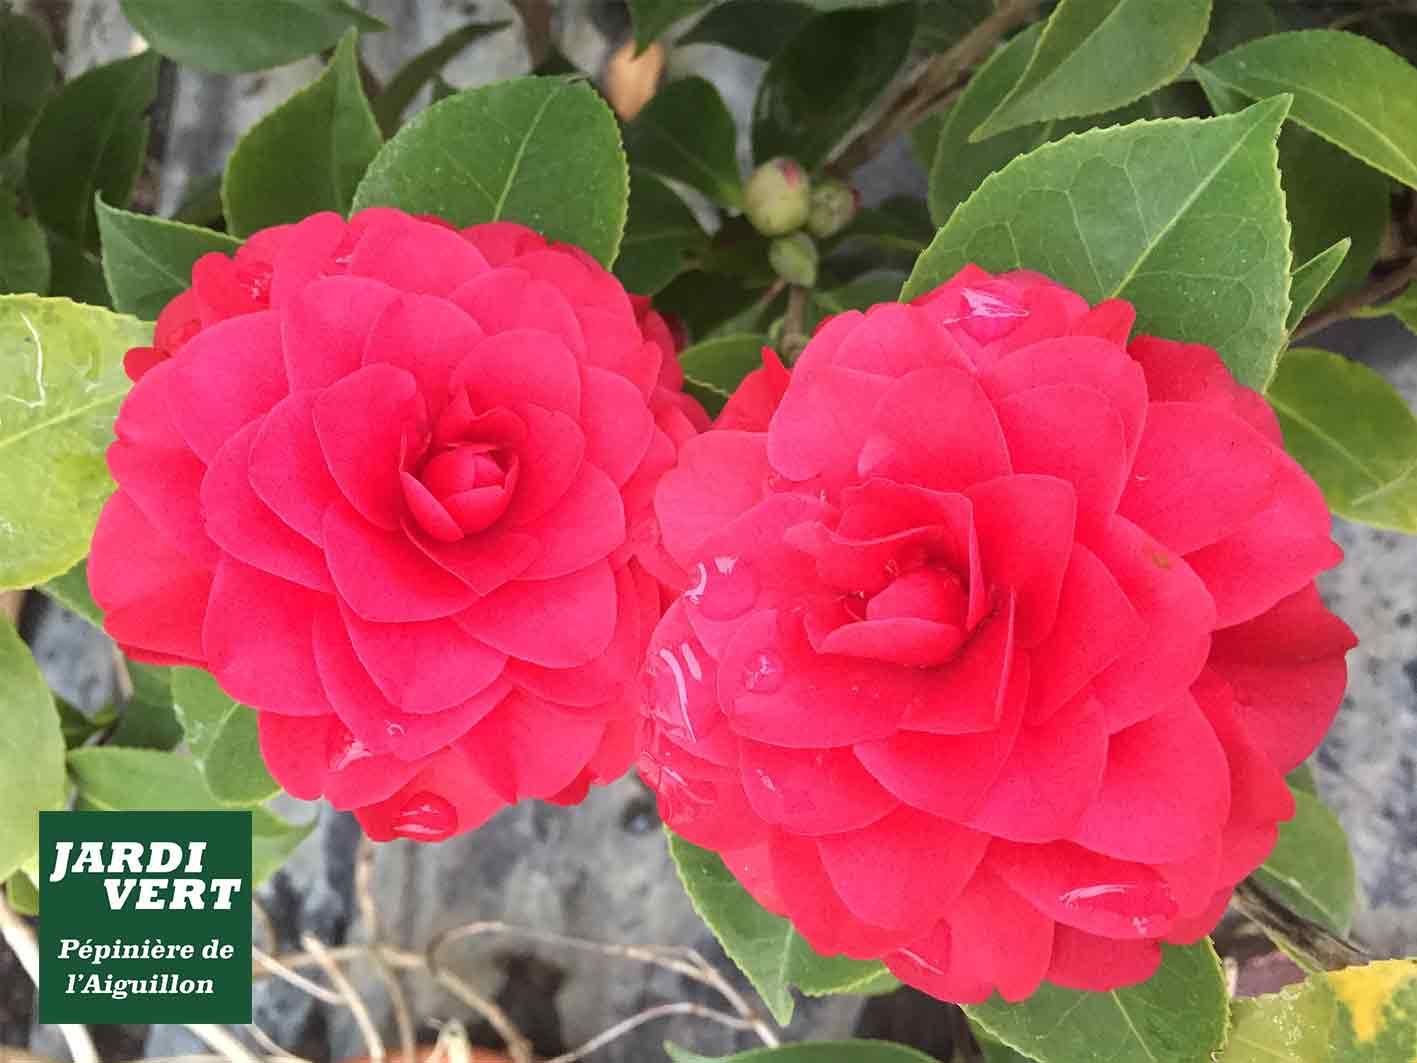 Vente de camélias rouges et autres plantes d'ombre - Jardinerie de l'Aiguillon à Frouzins